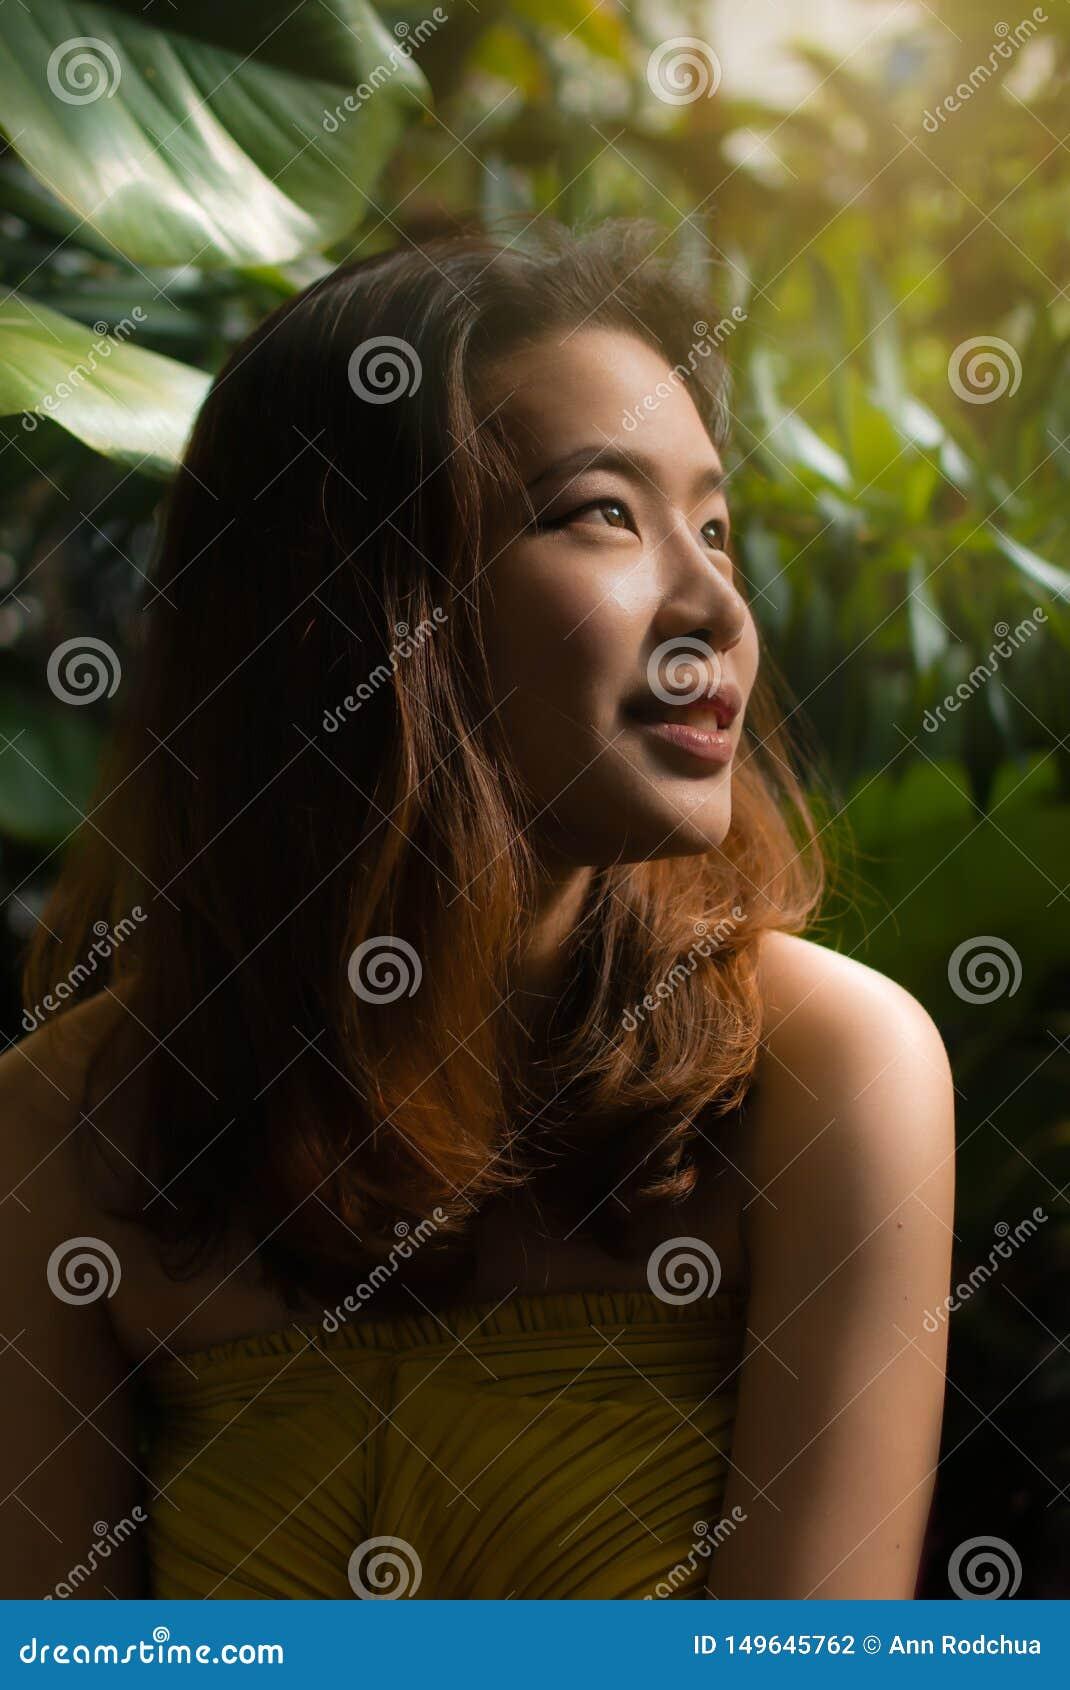 Een mooie vrouw gebruikt haar zoete ogen rond kijkend